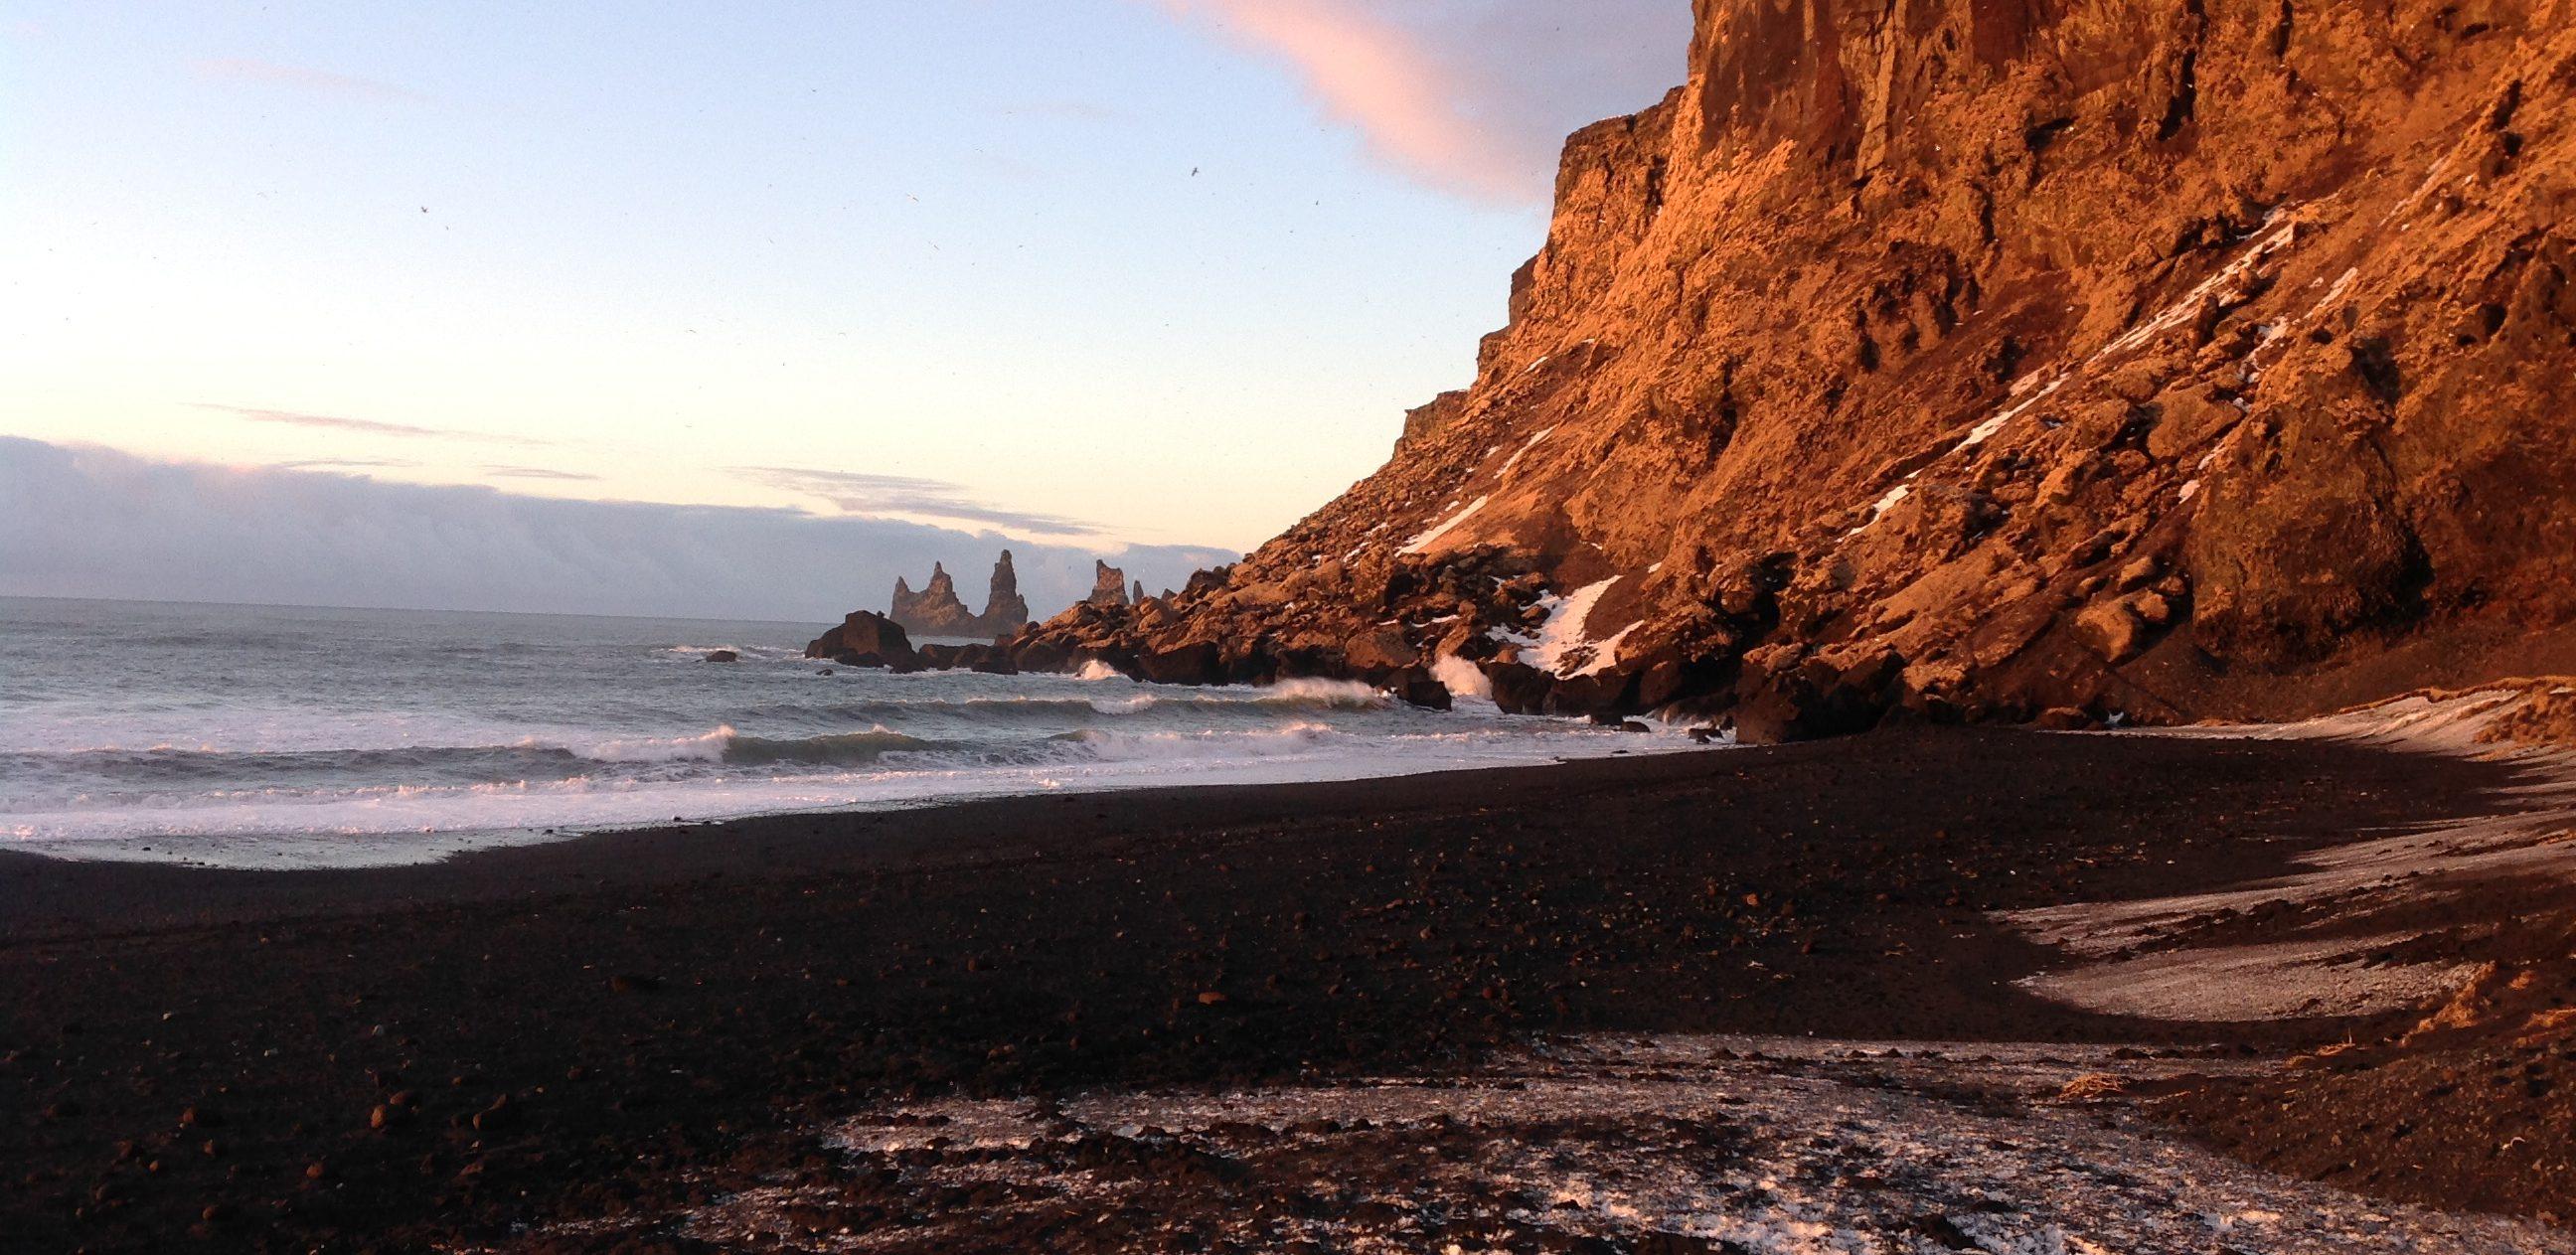 Strand von Vik mit Felsformationen im Meer